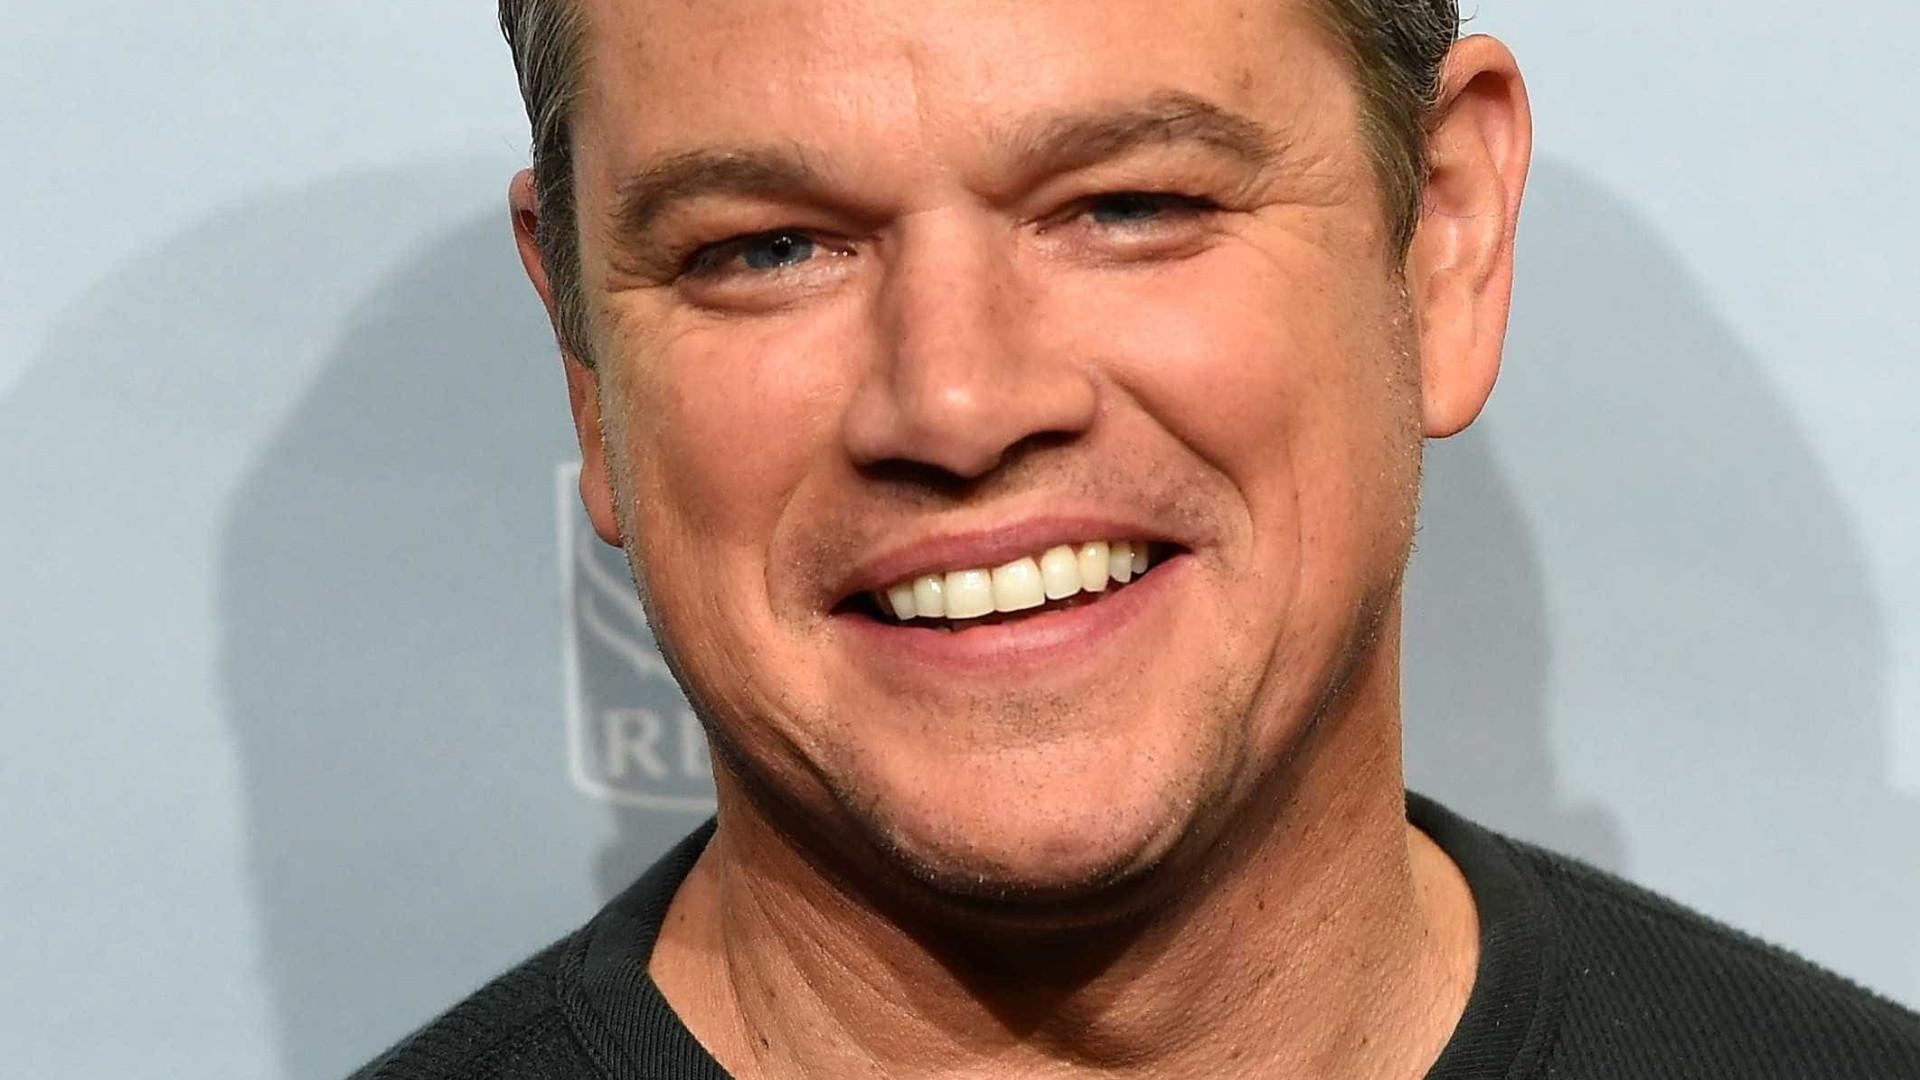 Matt Damon causa polémica ao falar de casos de abuso e assédio sexual